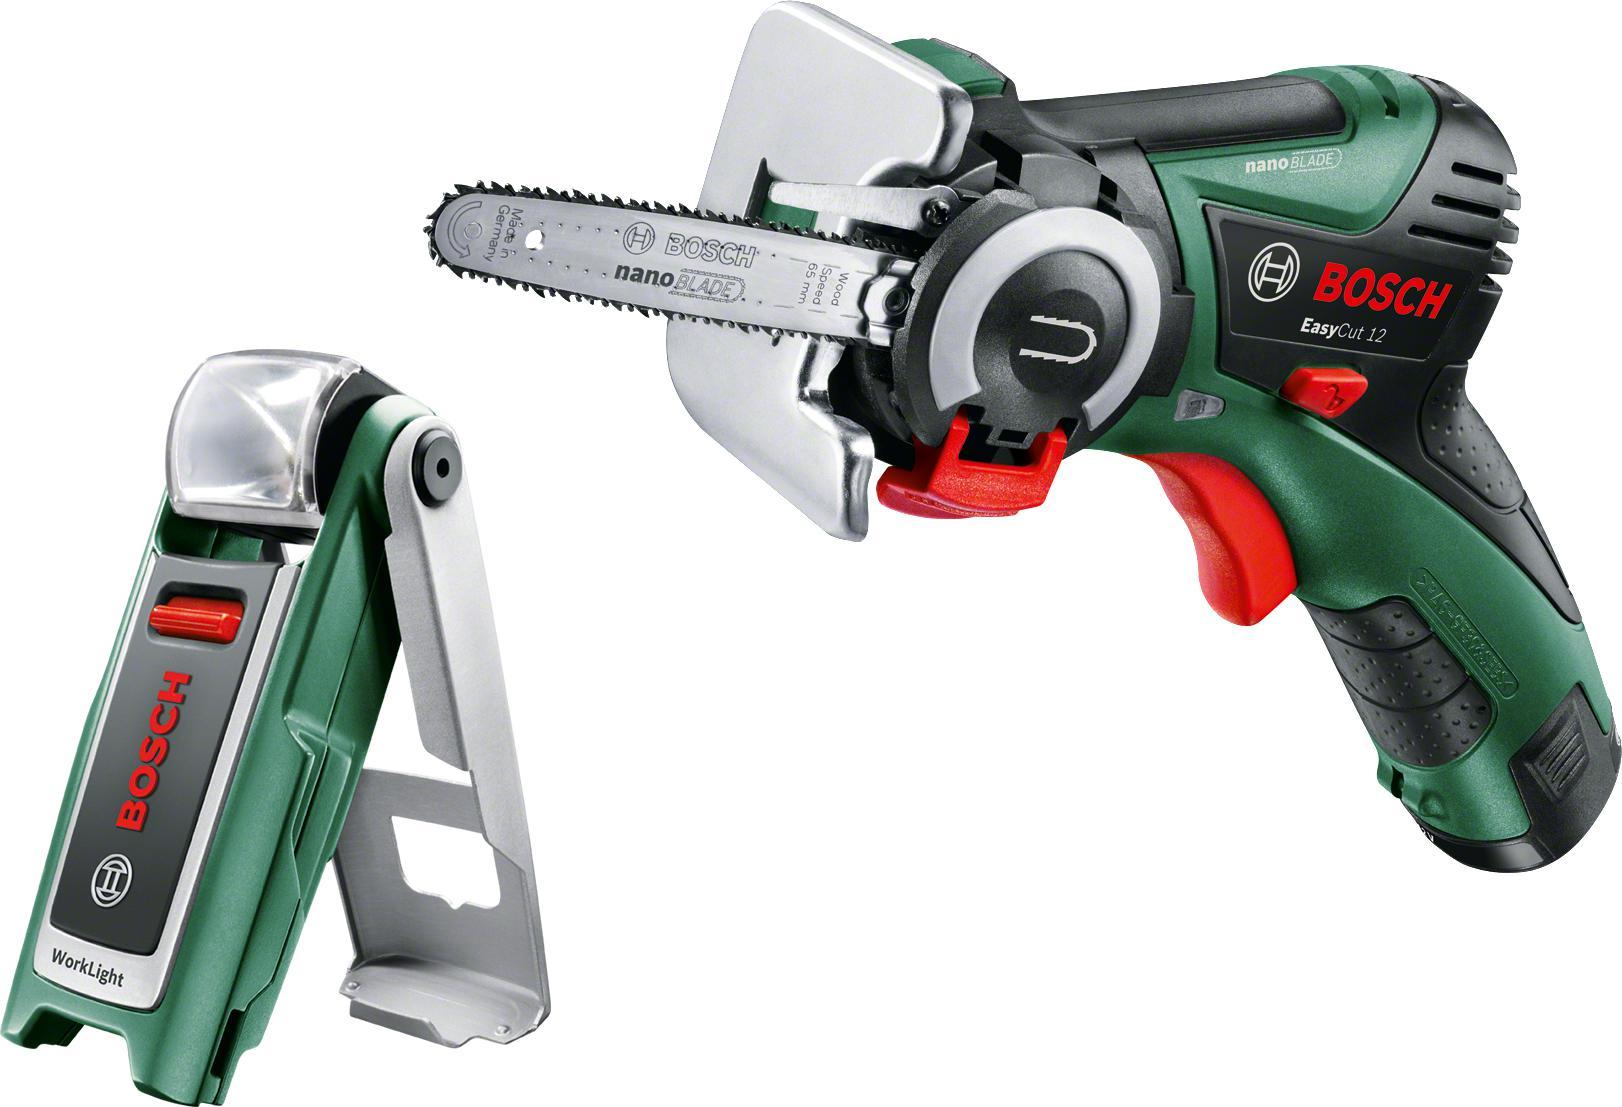 Набор Bosch Пила цепная easycut 12 (0.603.3c9.020) +Фонарь 0603975801